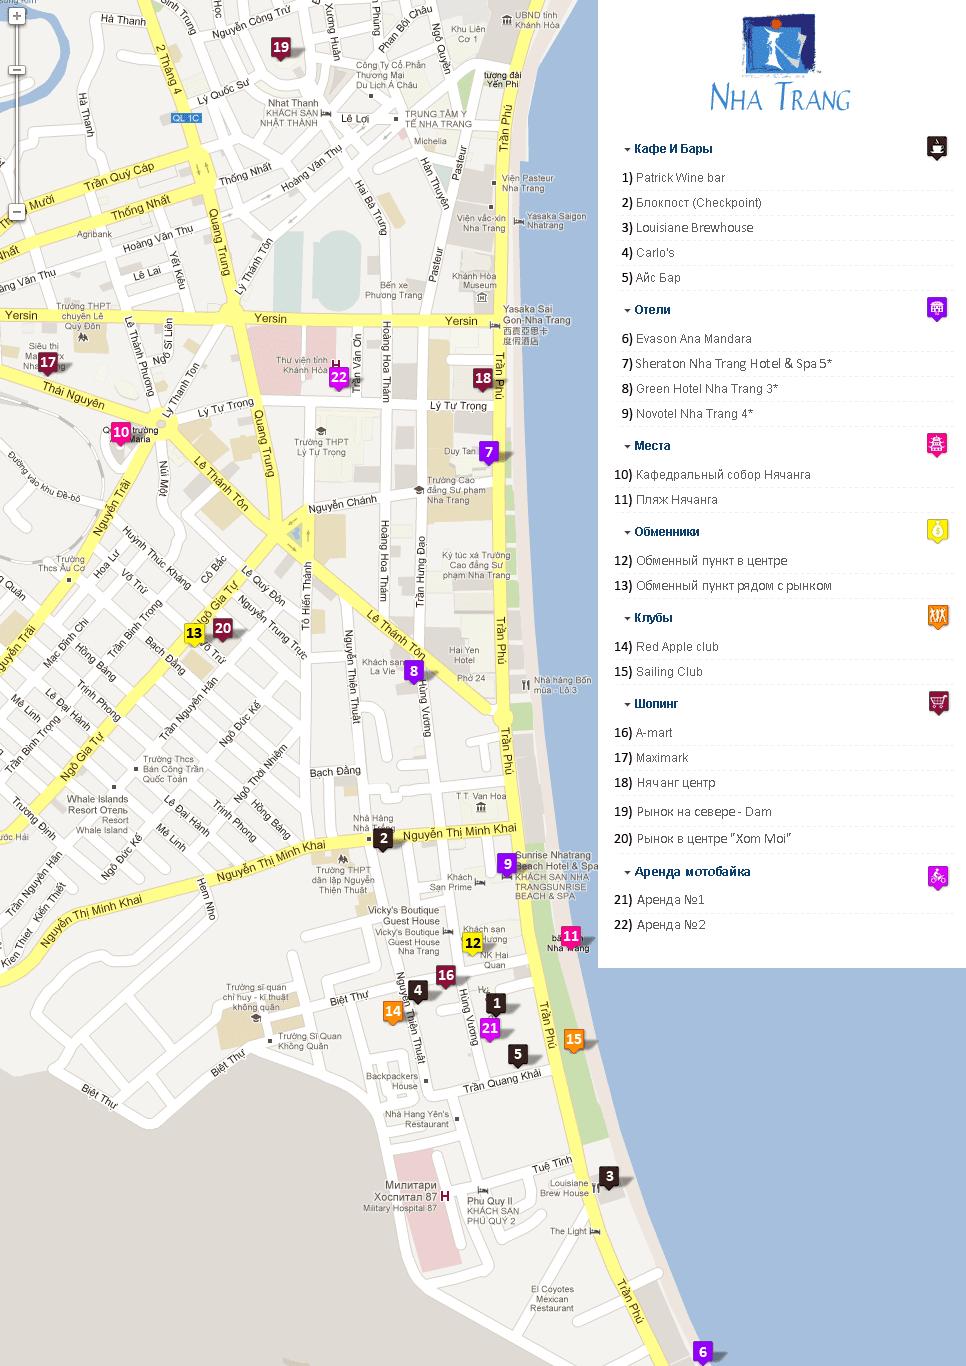 Обычно, стандартные рекламные туристические карты хорошо выручают, я бы не рекомендовал покупать дополнительные бумажные или электронные карты города 2 гис, igo и т.